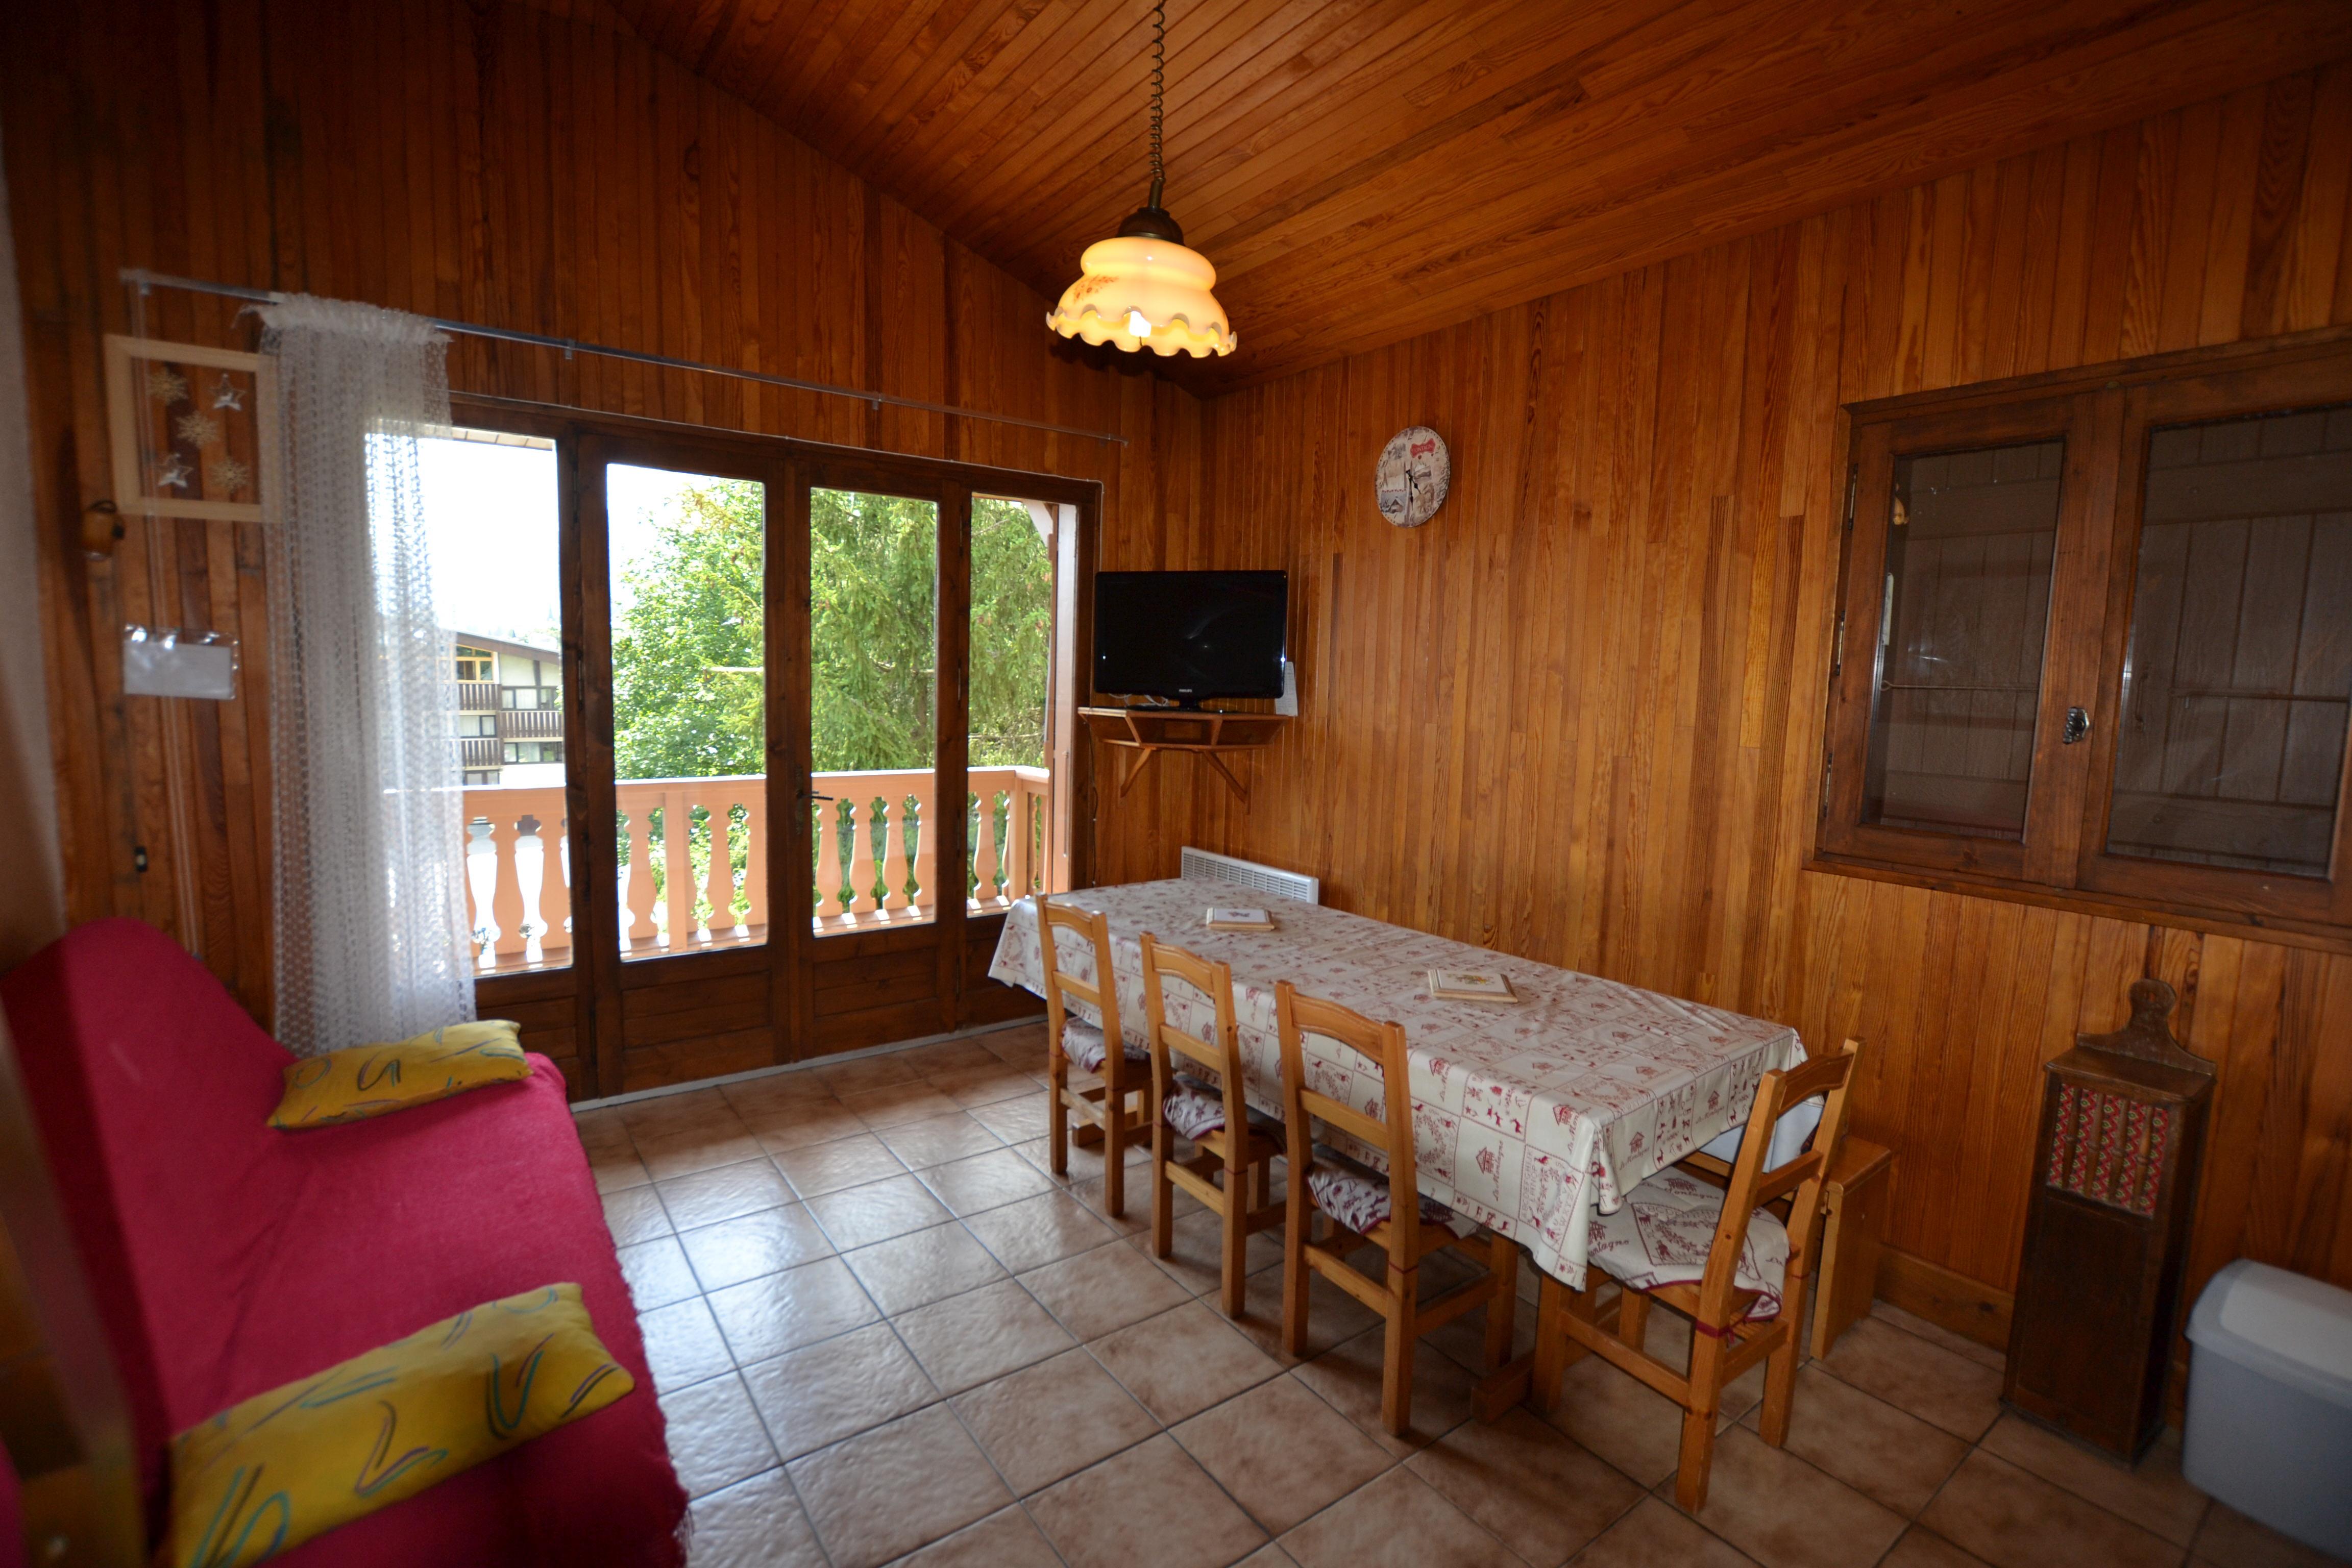 Location vacances 2 Pièces Cabine Mezzanine pour 6 personnes à Praz Sur Arly